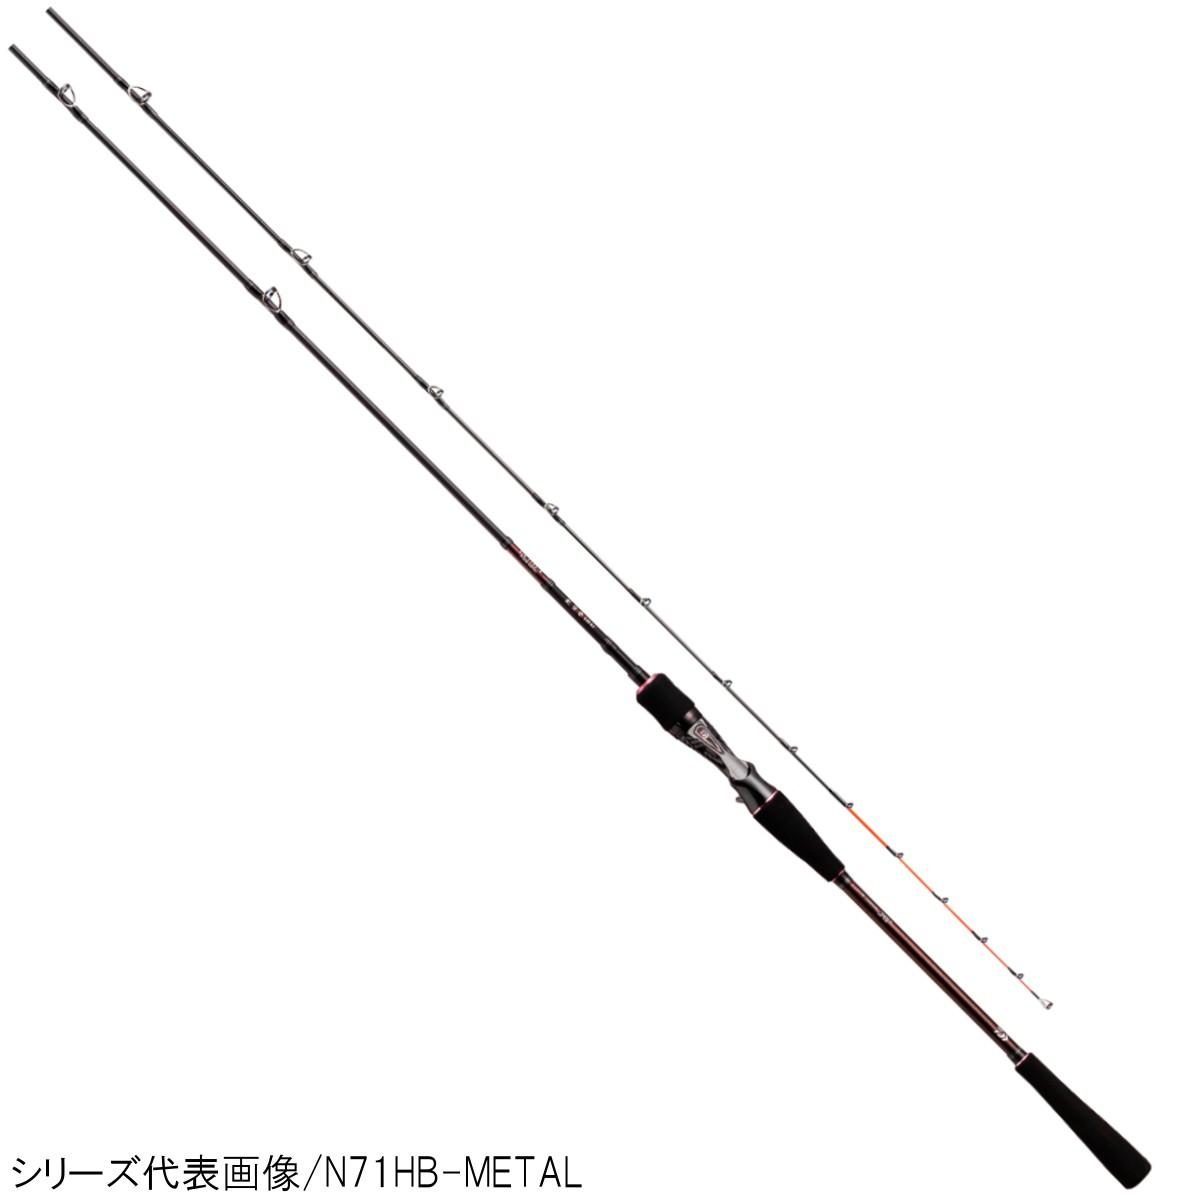 ダイワ 紅牙 AIR N73XHB-METAL【大型商品】